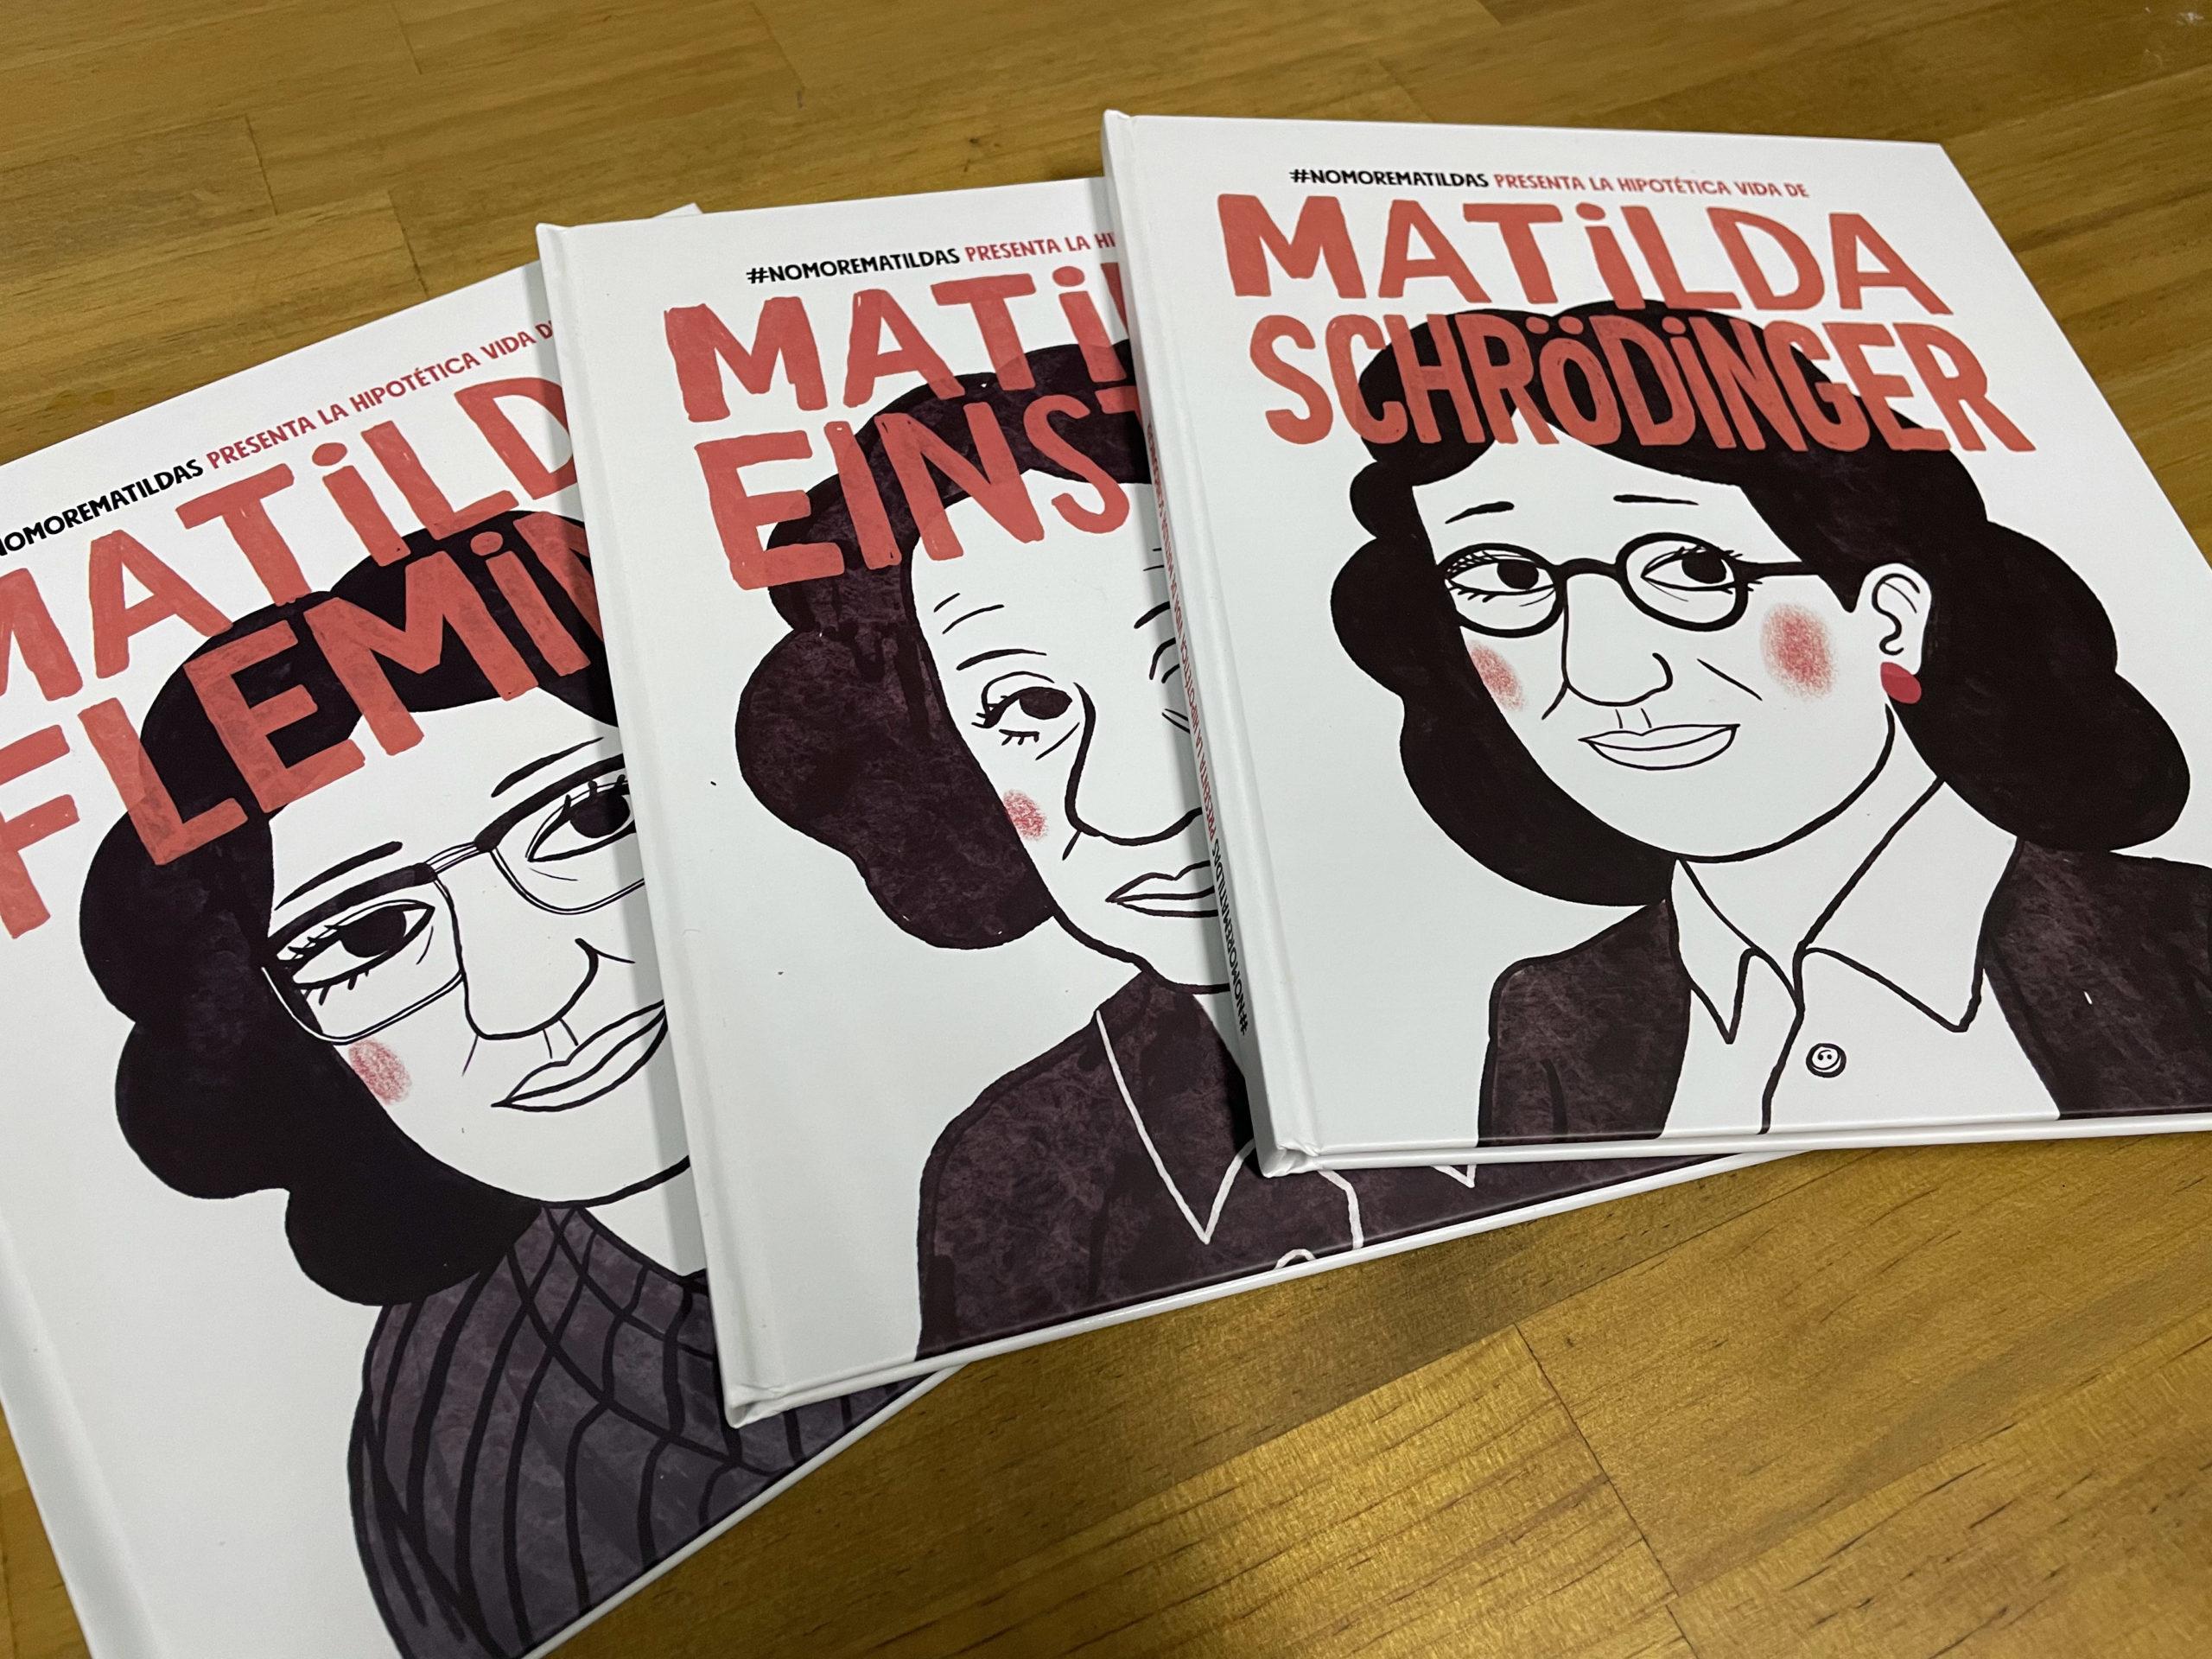 Imagen de los cuentos de la campaña #NomoreMatildas